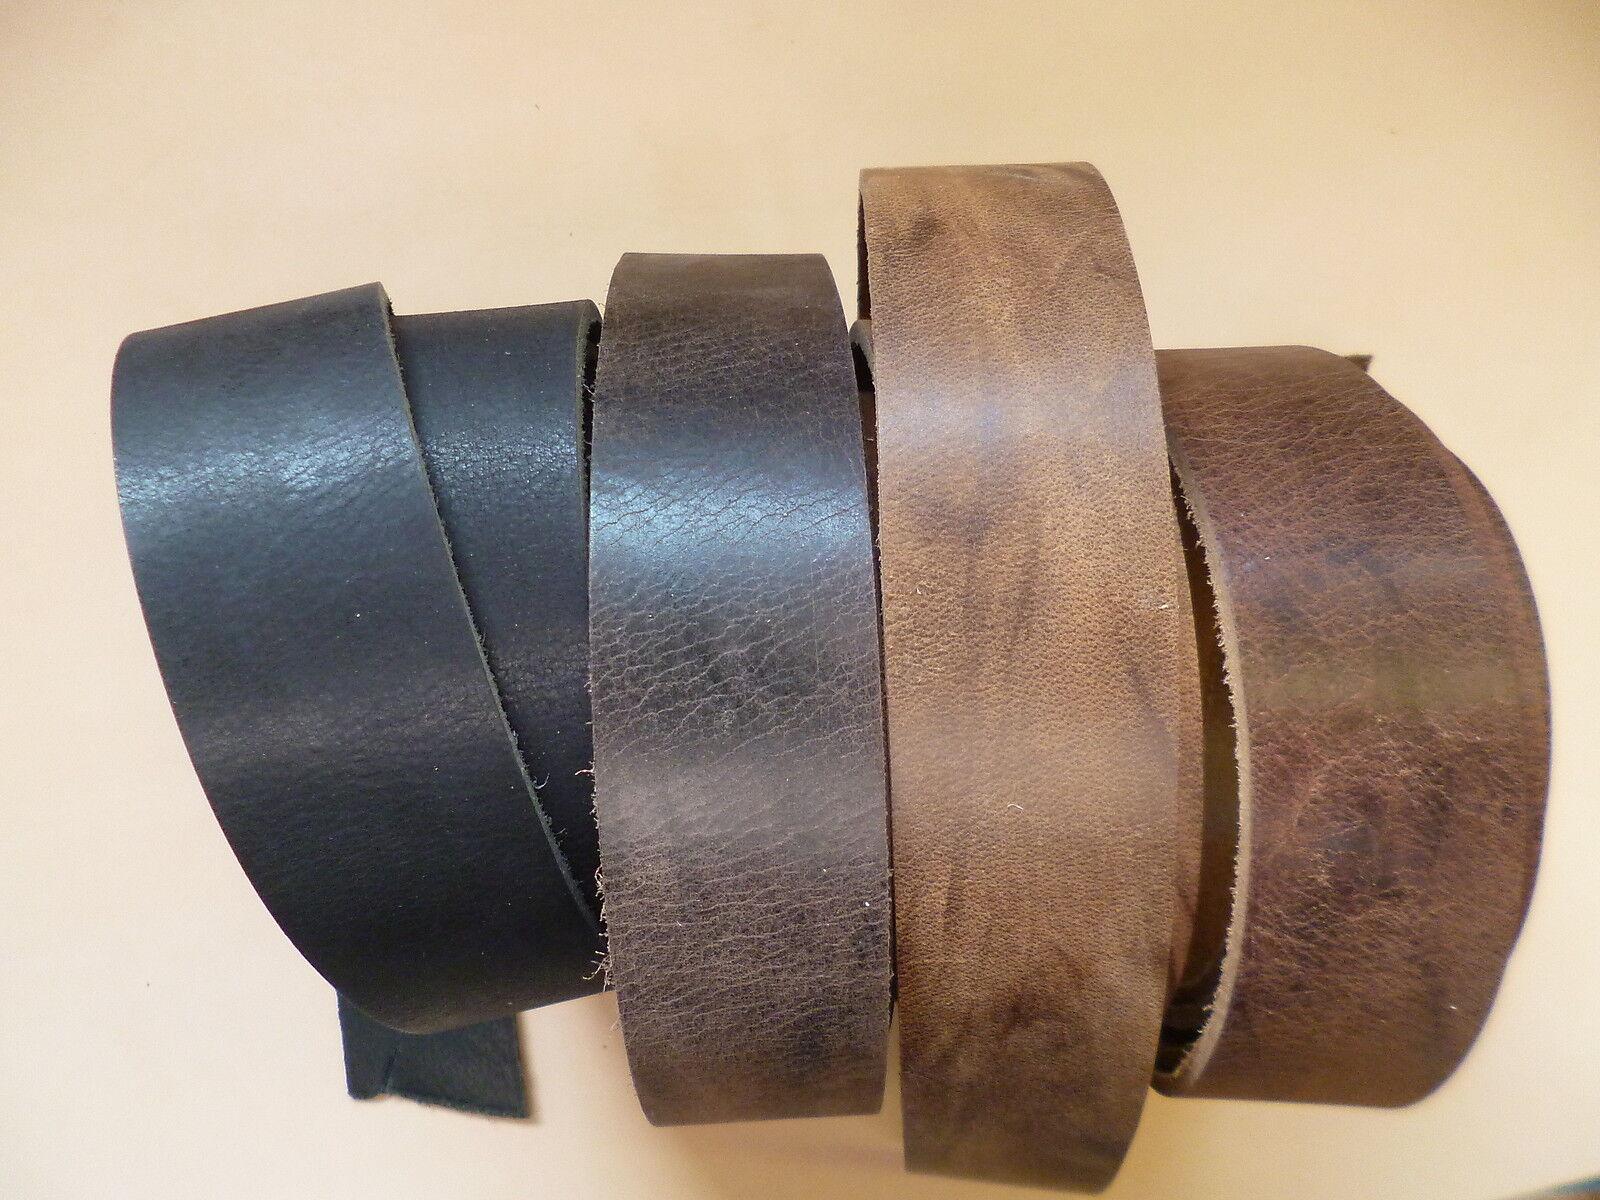 Lederriemen Gürtel Büffelriemen Dickleder 7 versch. Farben Breite 2 - 5 cm x 130